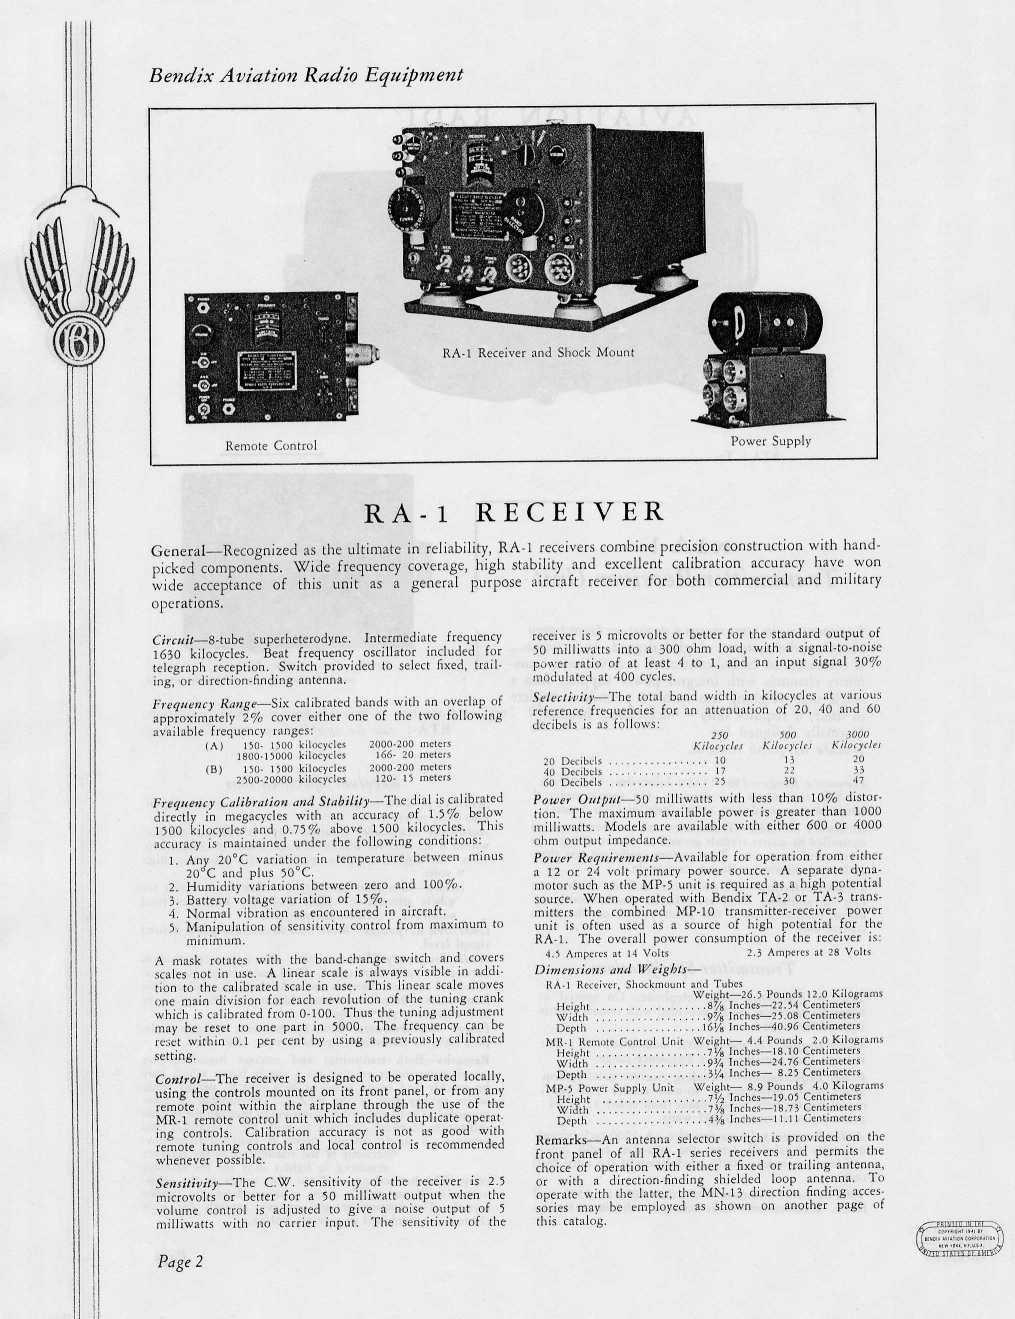 RA-1B info